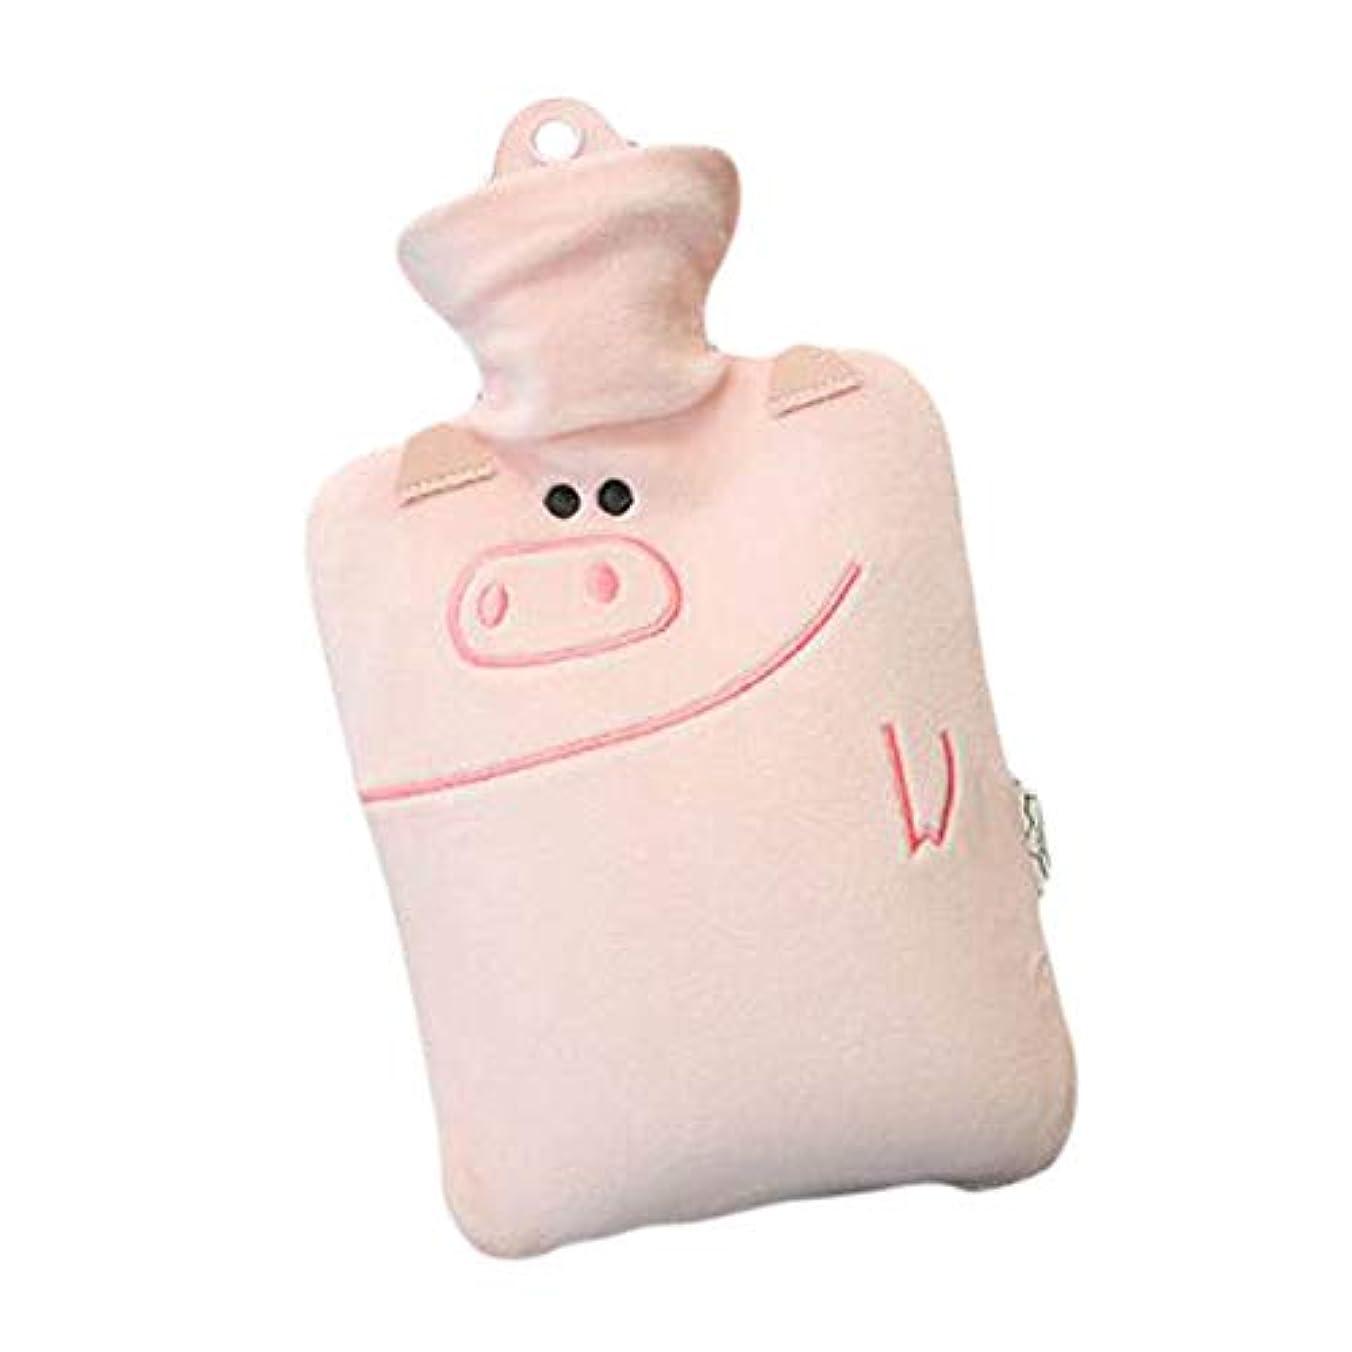 自然公園習熟度マルクス主義愛らしいピンクの豚のパターン400 MLホットウォーターボトル